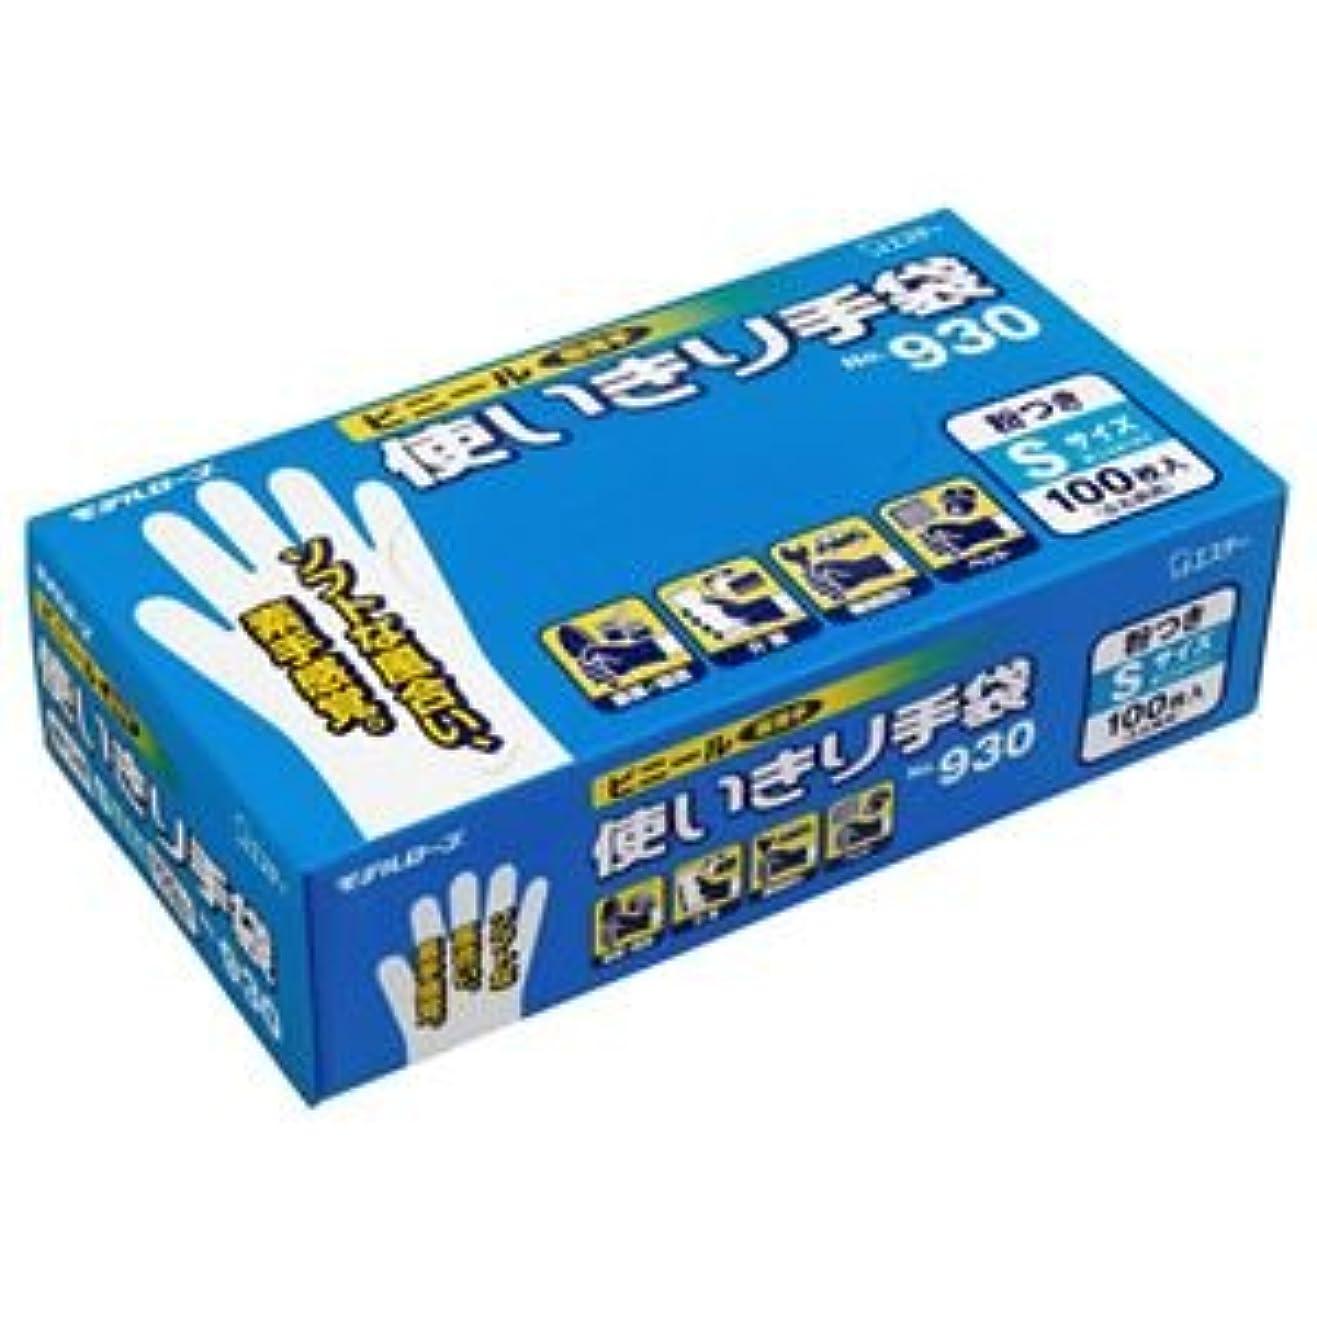 真鍮暗い合唱団(まとめ) エステー No.930 ビニール使いきり手袋(粉付) S 1箱(100枚) 【×5セット